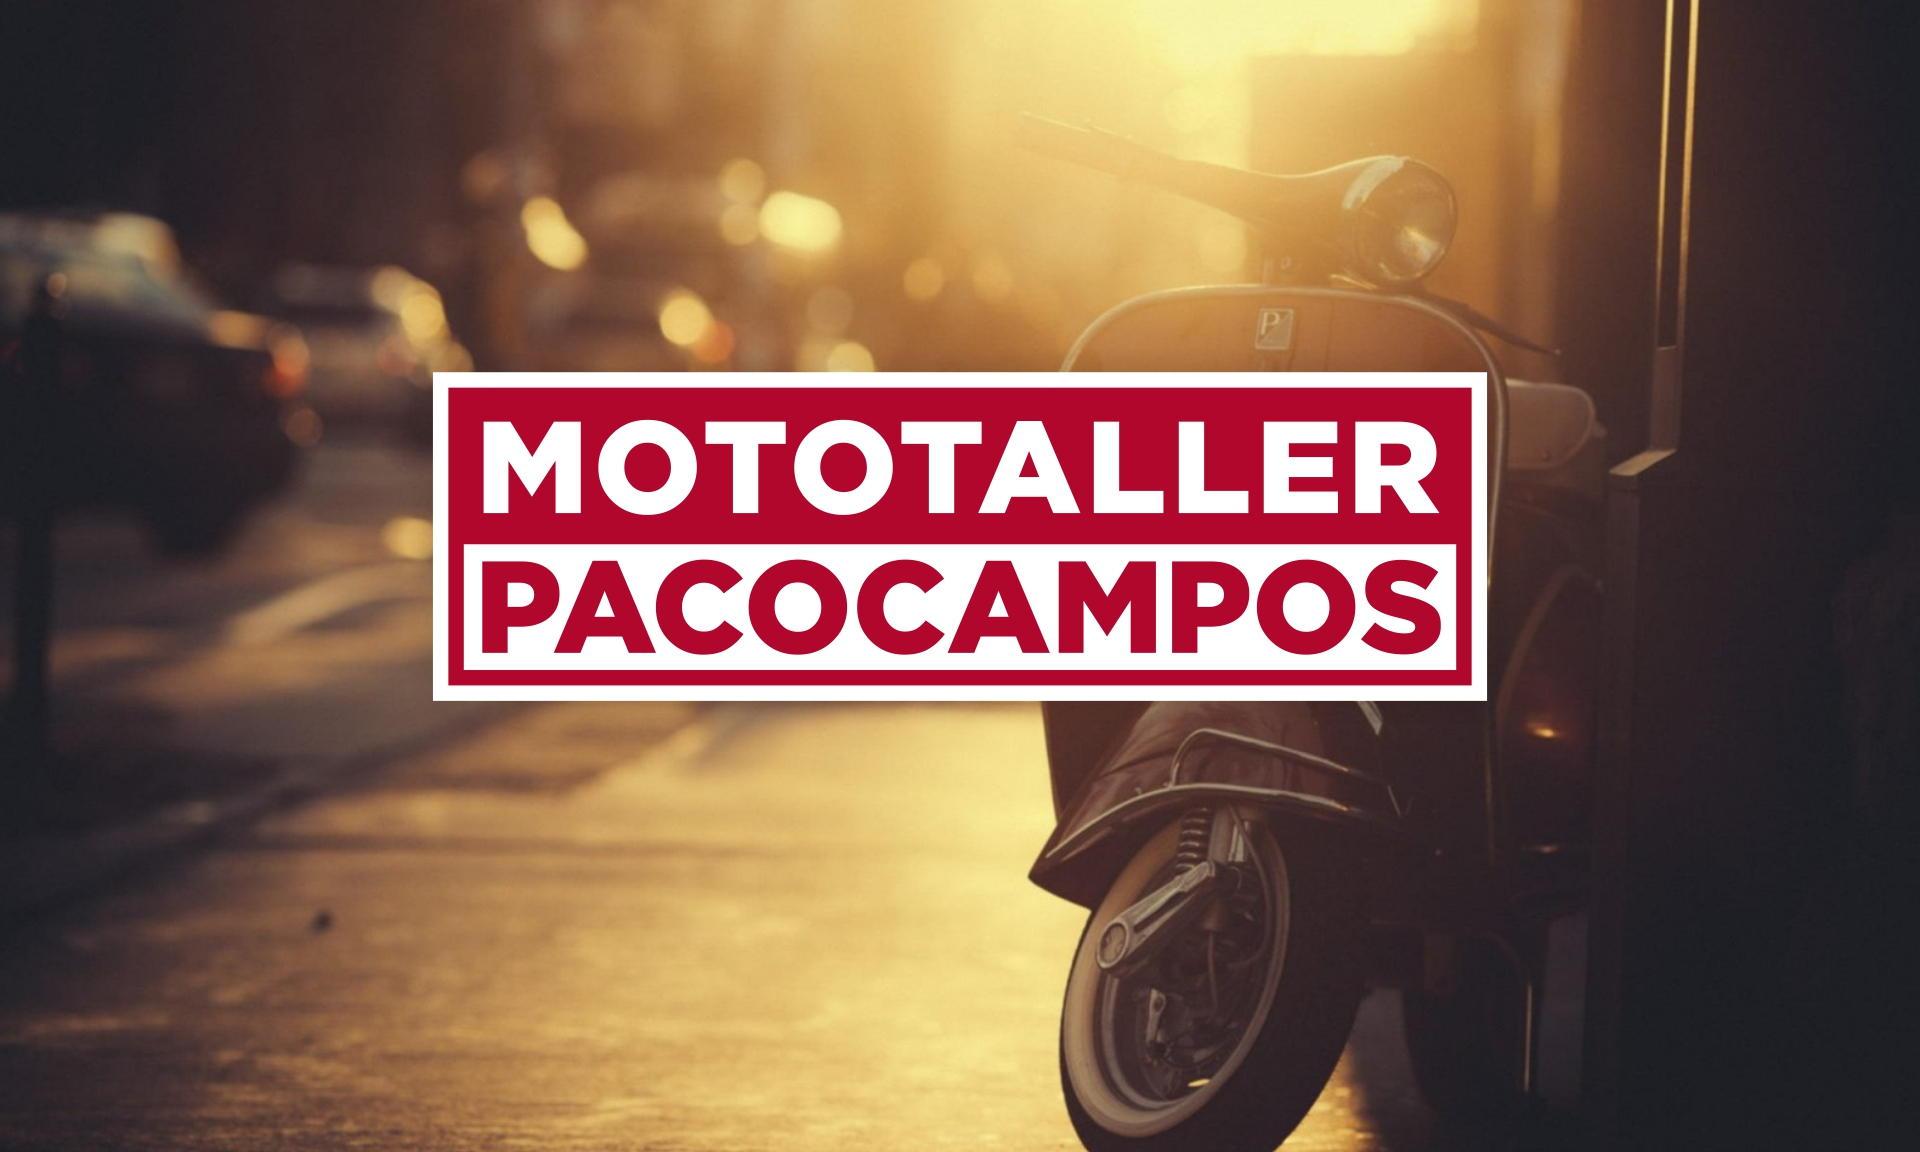 Mototaller Paco Campos